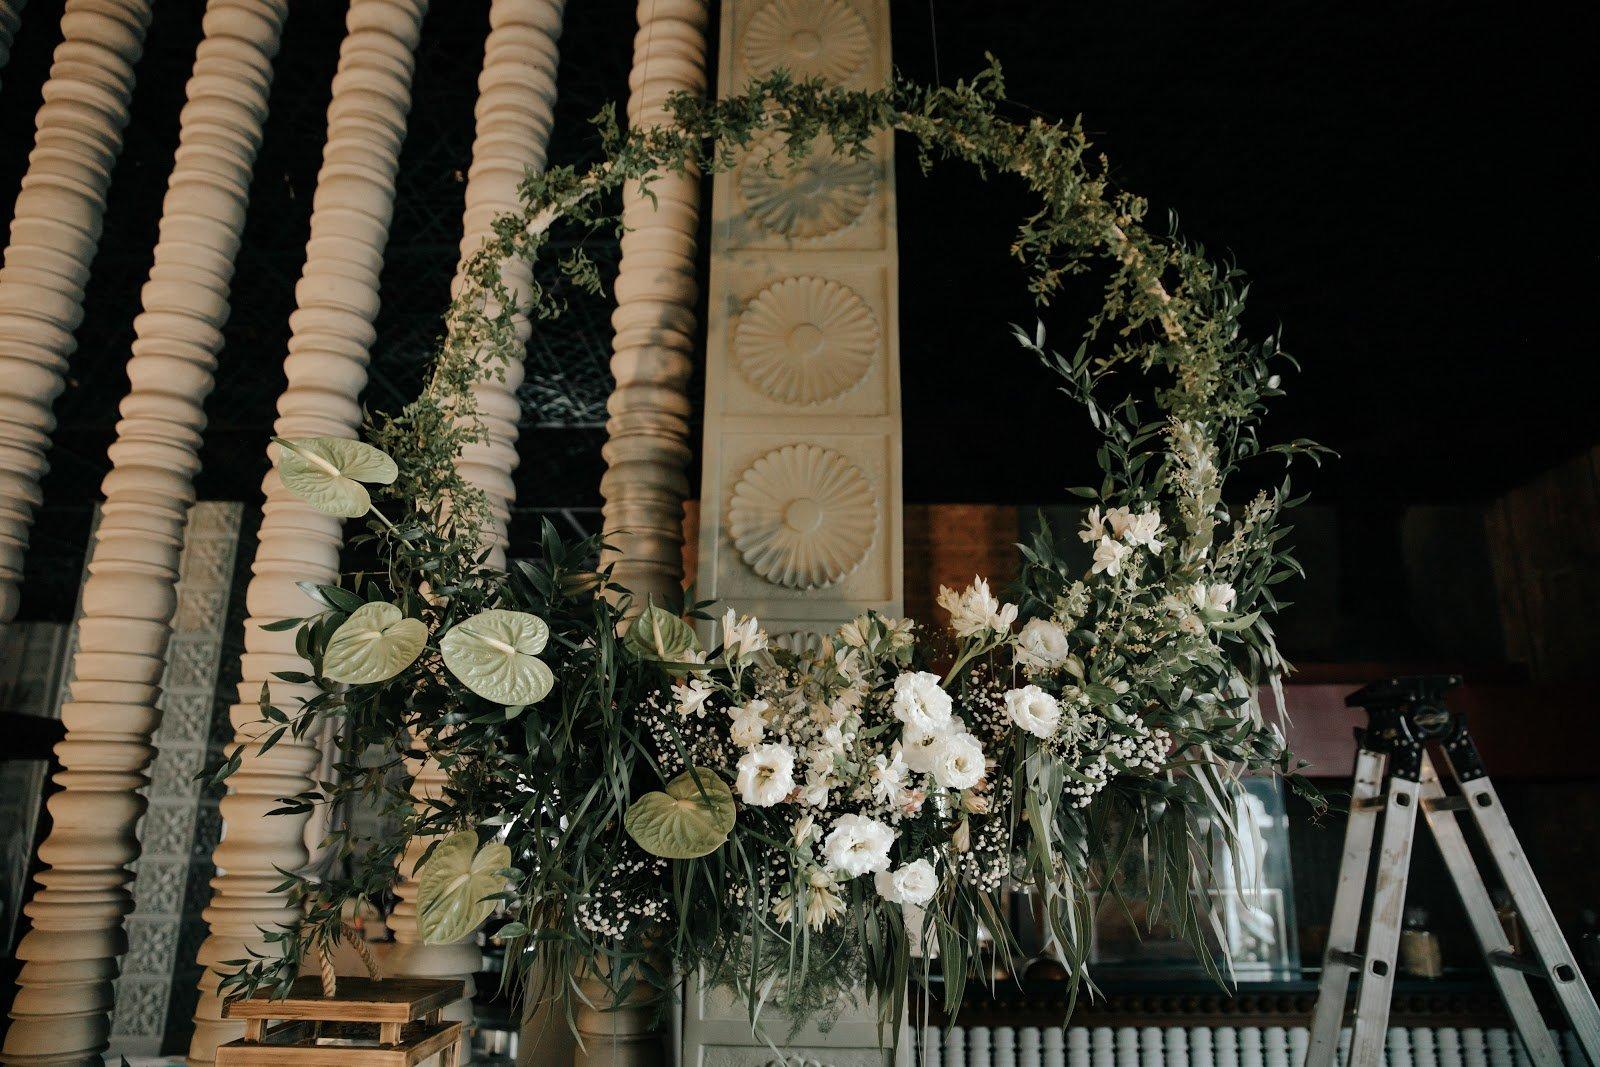 Hé lộ hình ảnh nhẫn kim cương và tiệc cưới xa hoa trong hôn lễ MC Hoàng Oanh 2